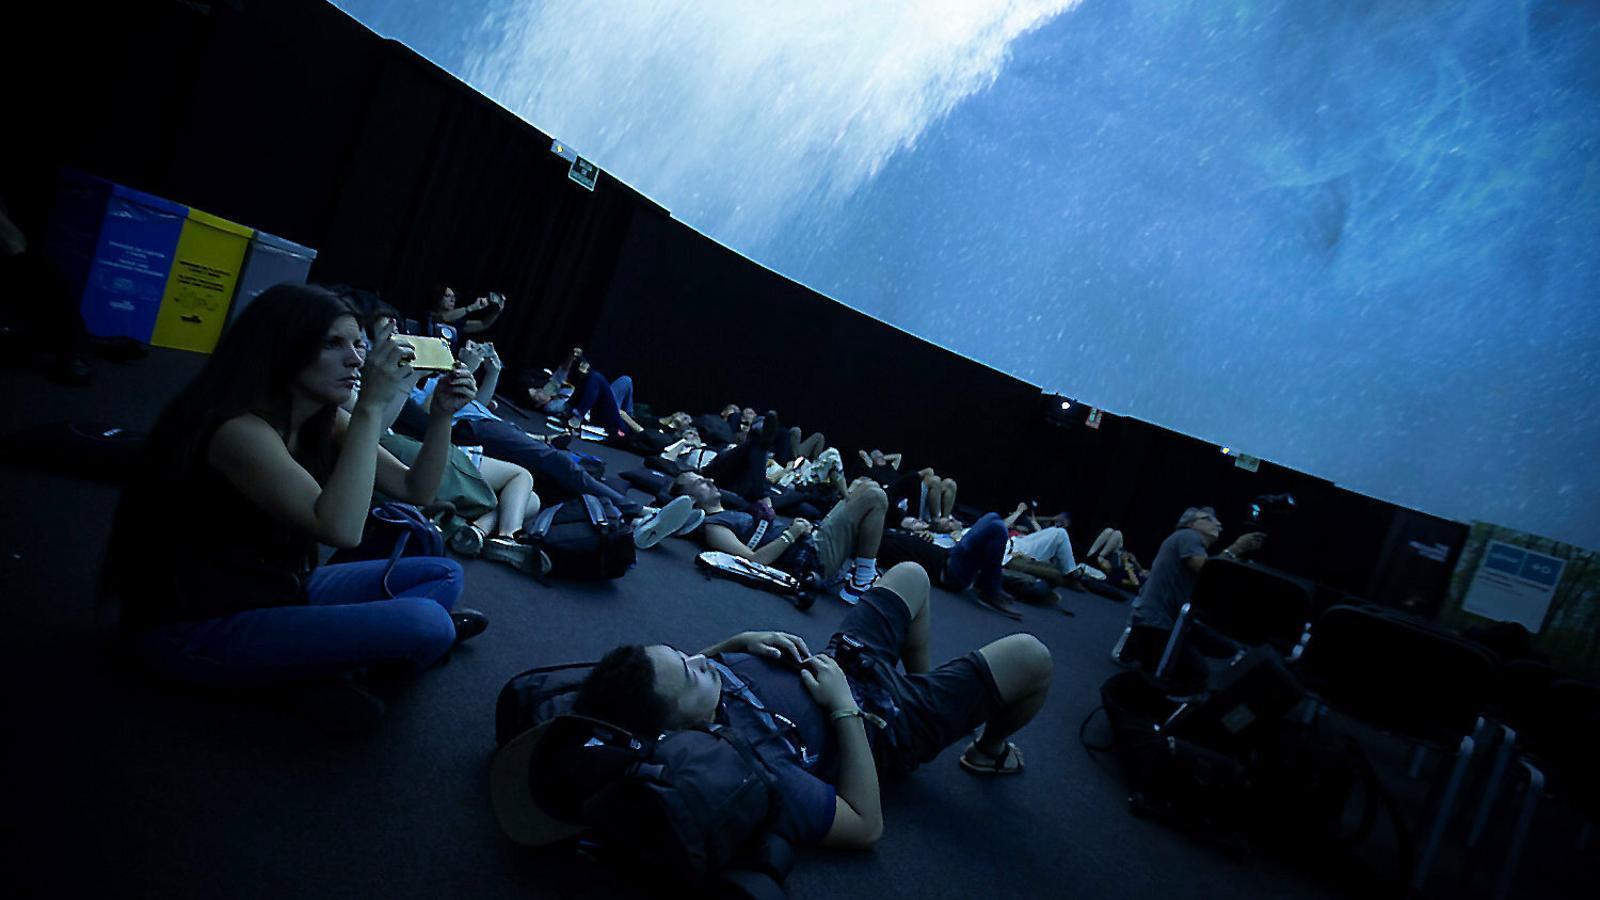 La cúpula de l'audiovisual immersiu de Mediapro al Sónar.